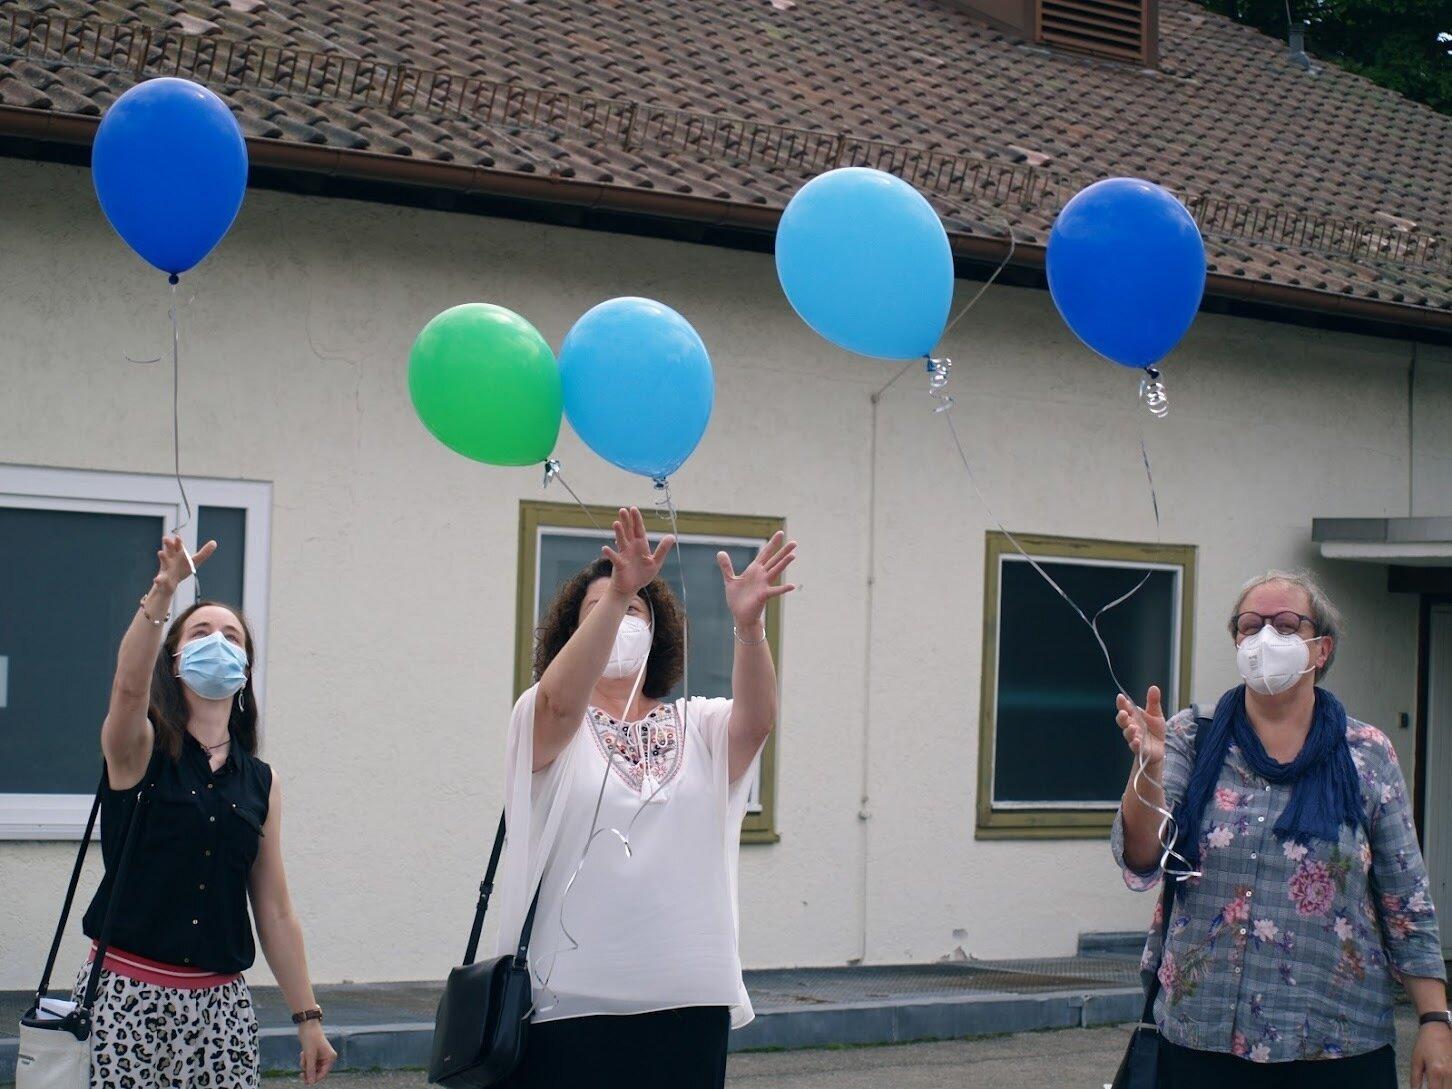 Klassenlehrerinnen Frau Pflumm, Frau Löwer, Frau Renz (v.l.)